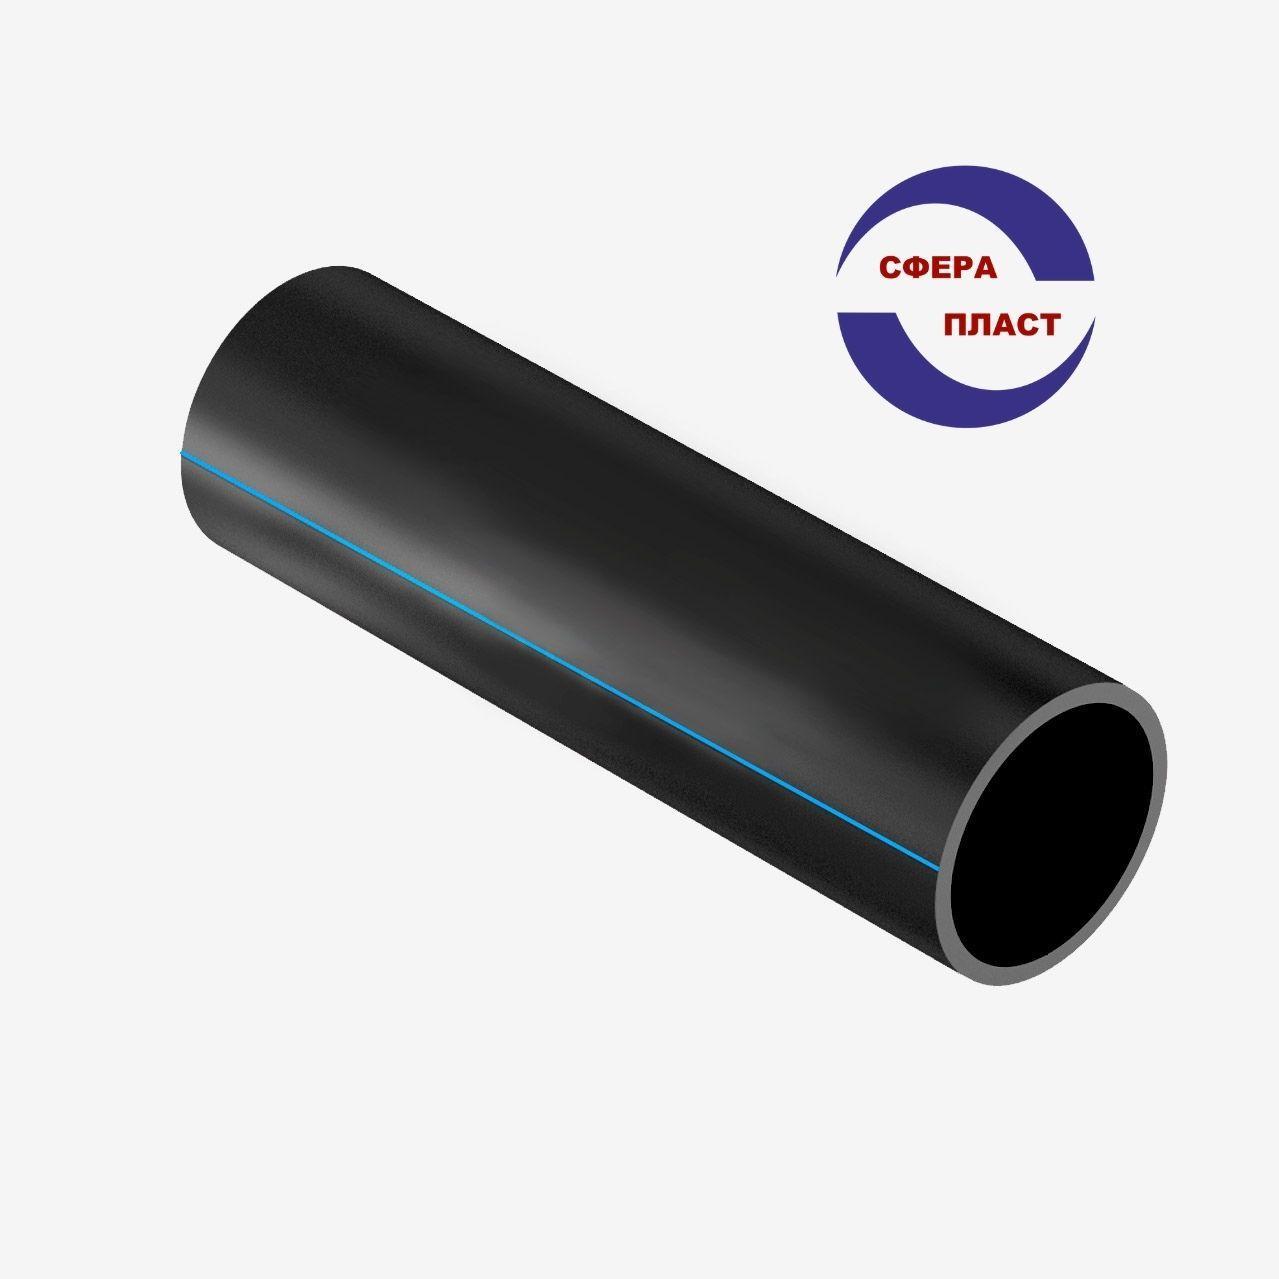 Труба Ду-90x4,3 SDR21 (8 атм) полиэтиленовая ПЭ-100